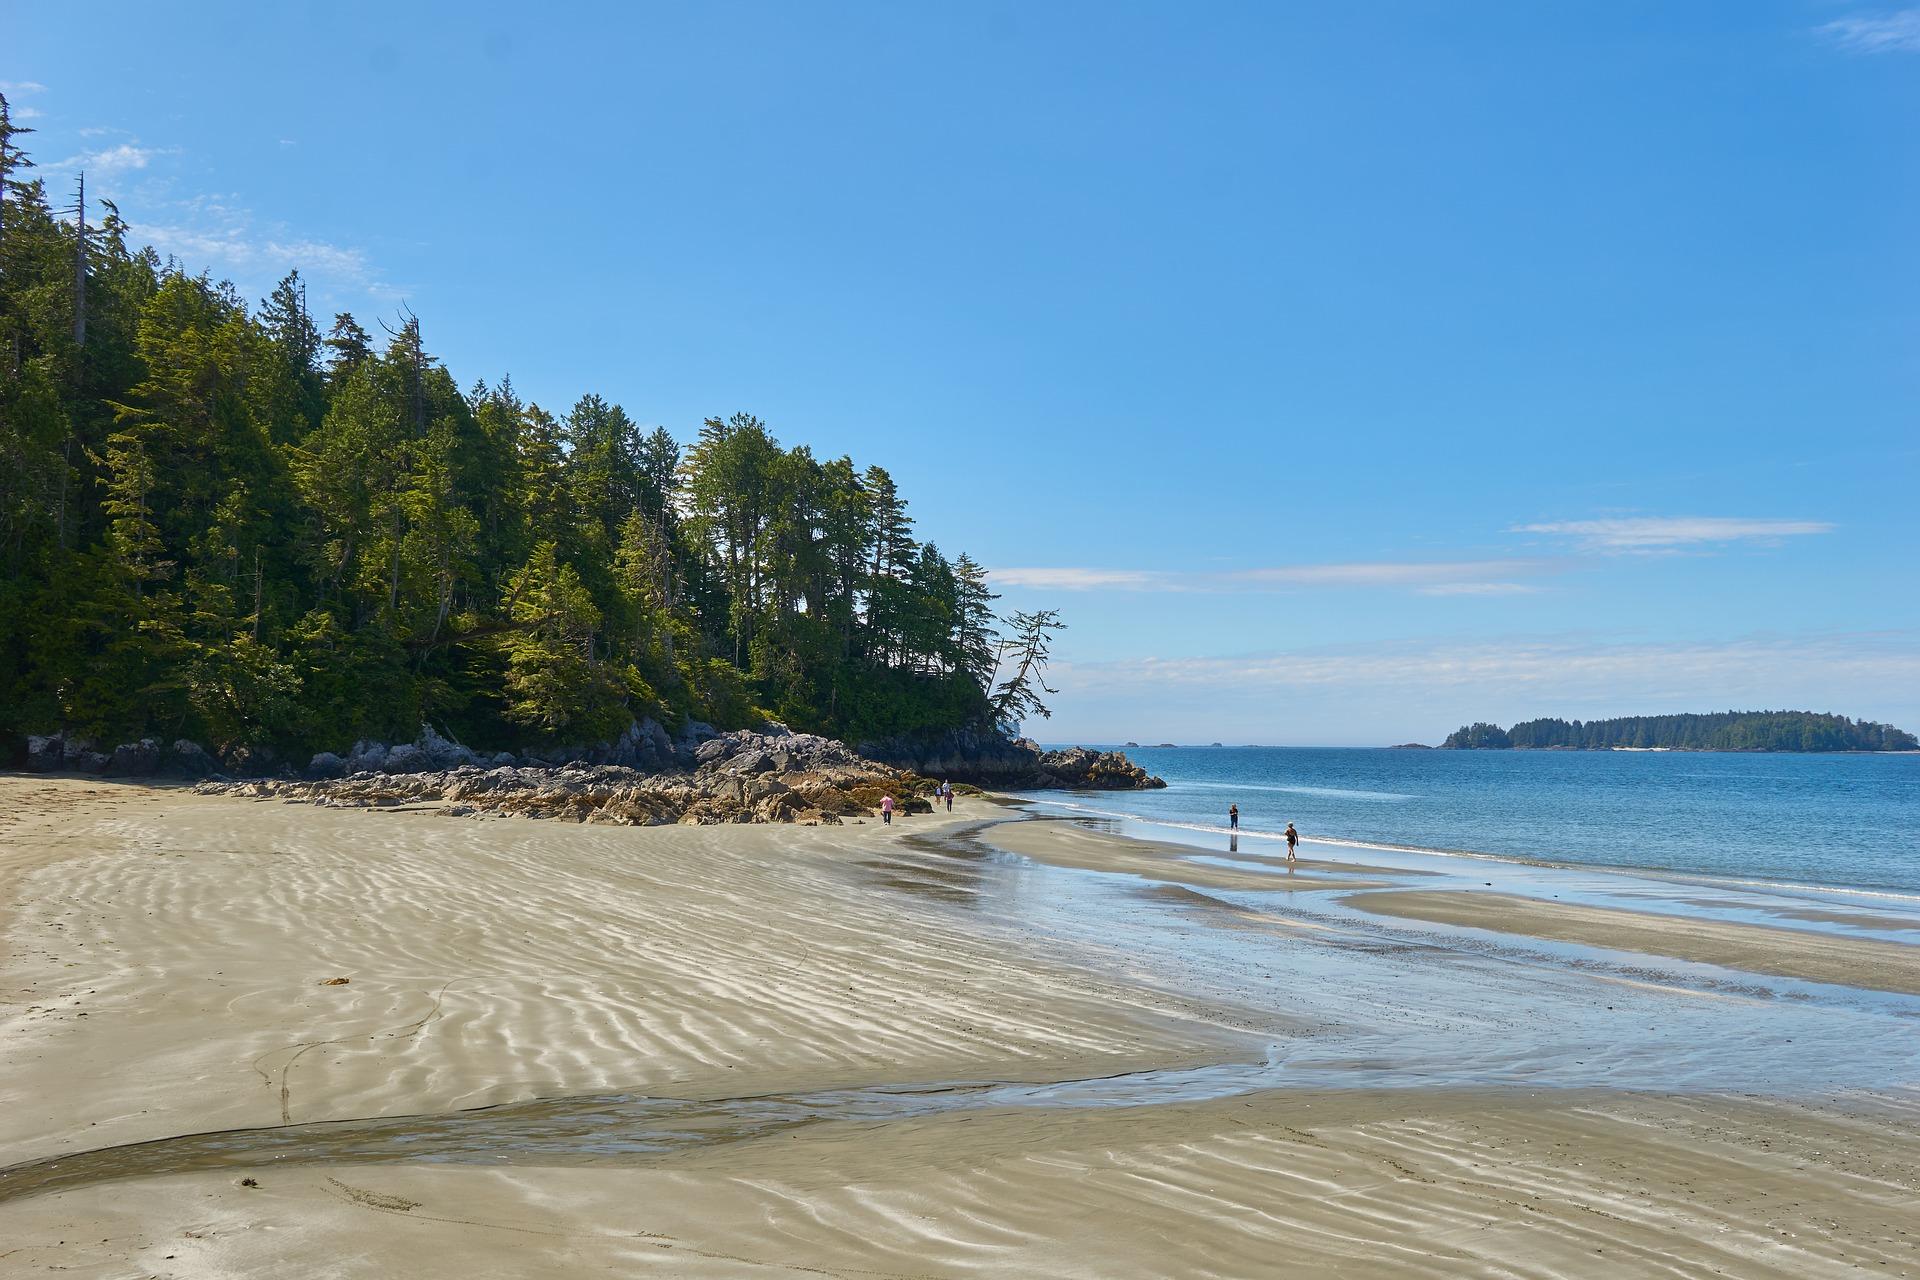 beach-3542082_1920.jpg